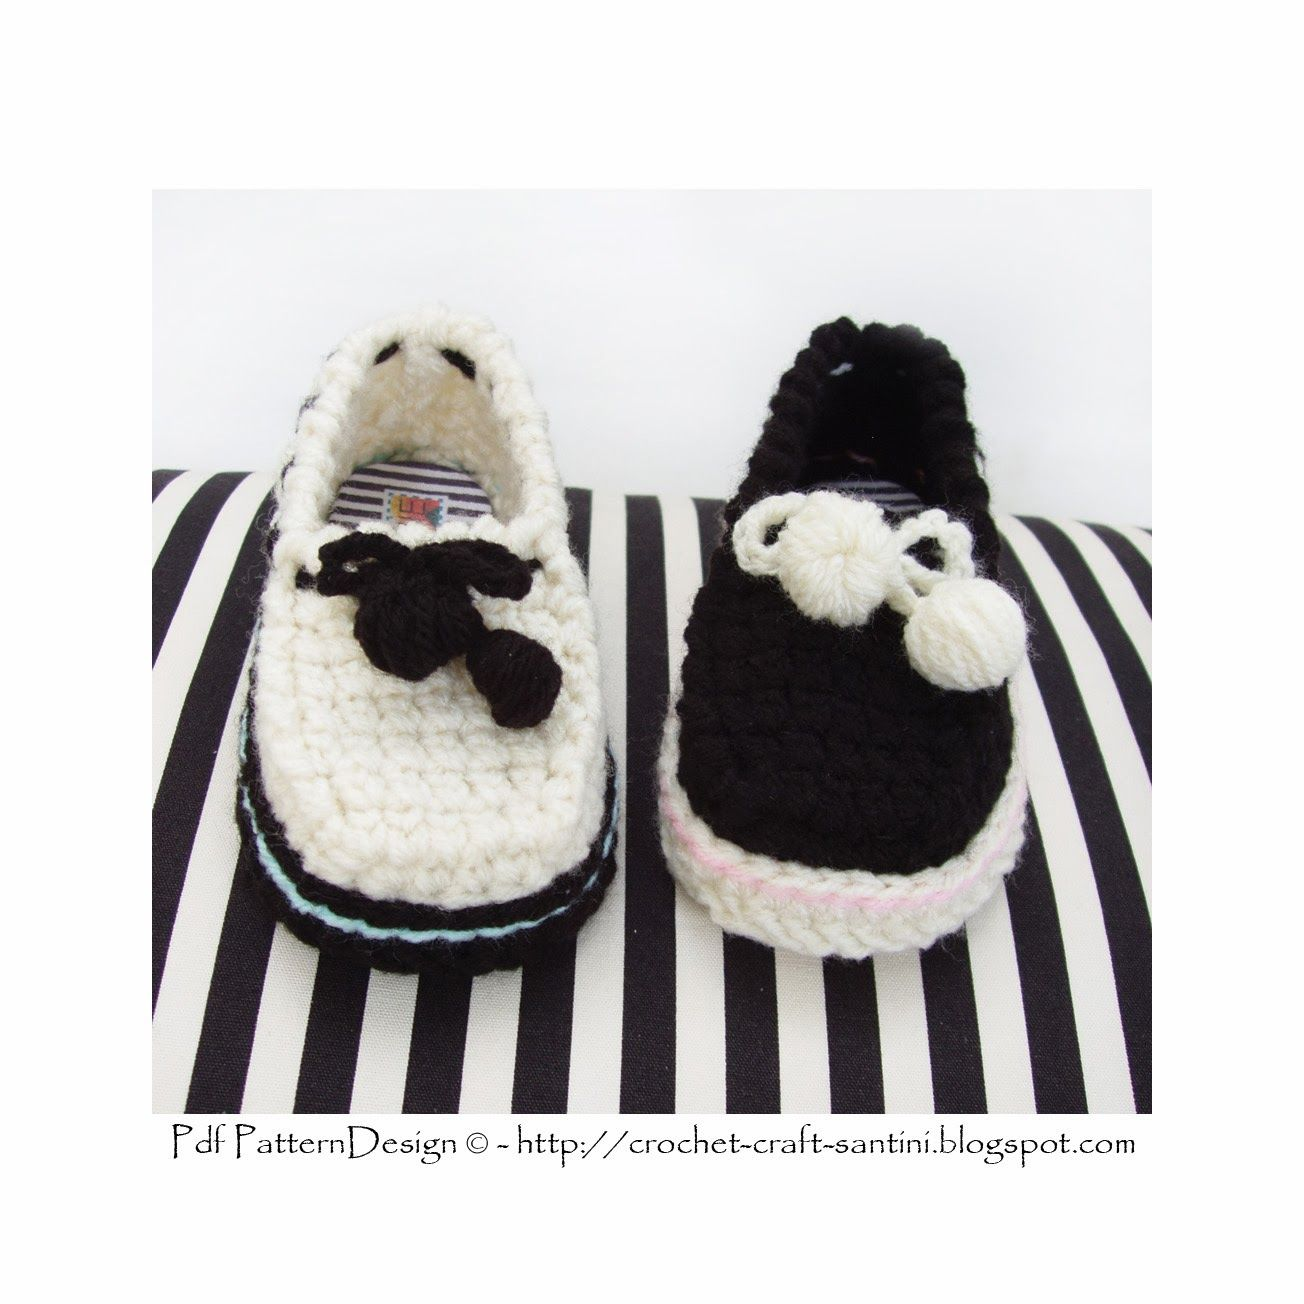 Crochet & Craft | Crochet, Knitting & Embroidery! | Pinterest | Bebé ...